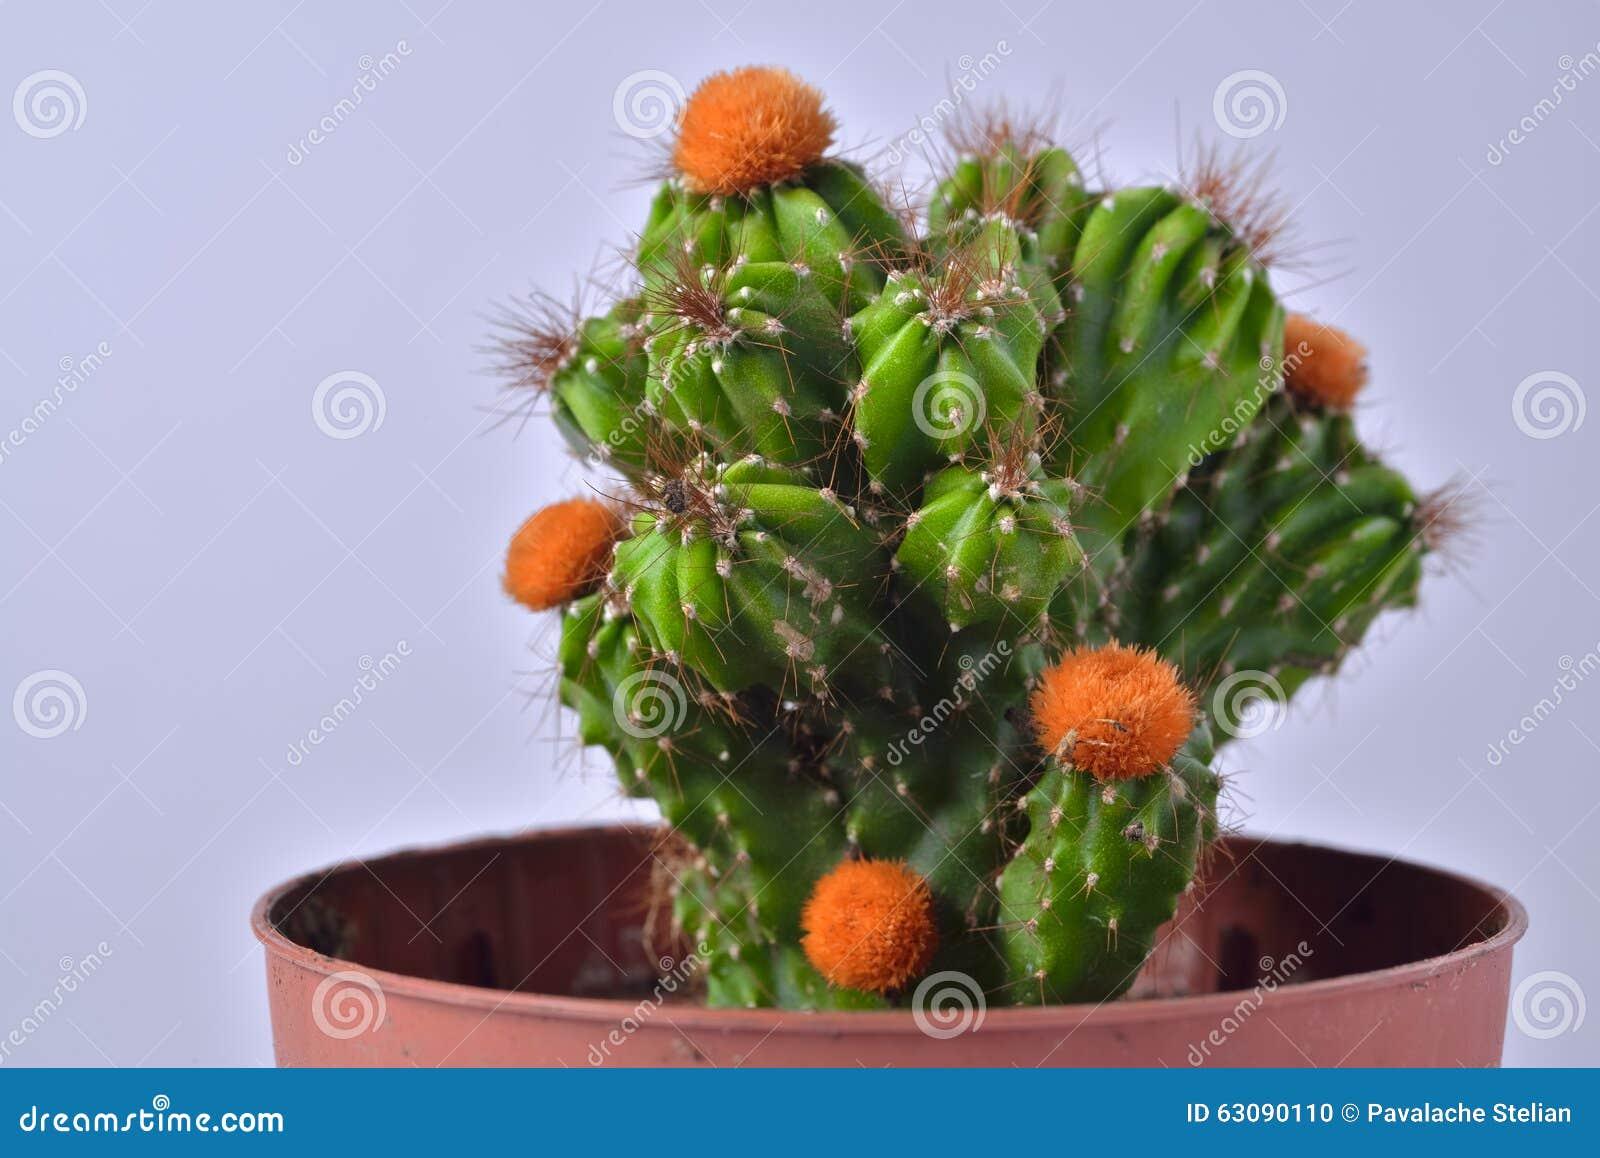 Download Cactus Avec Les Fleurs Jaunes Dans Un Pot De Fleur Photo stock - Image du couleur, cactus: 63090110